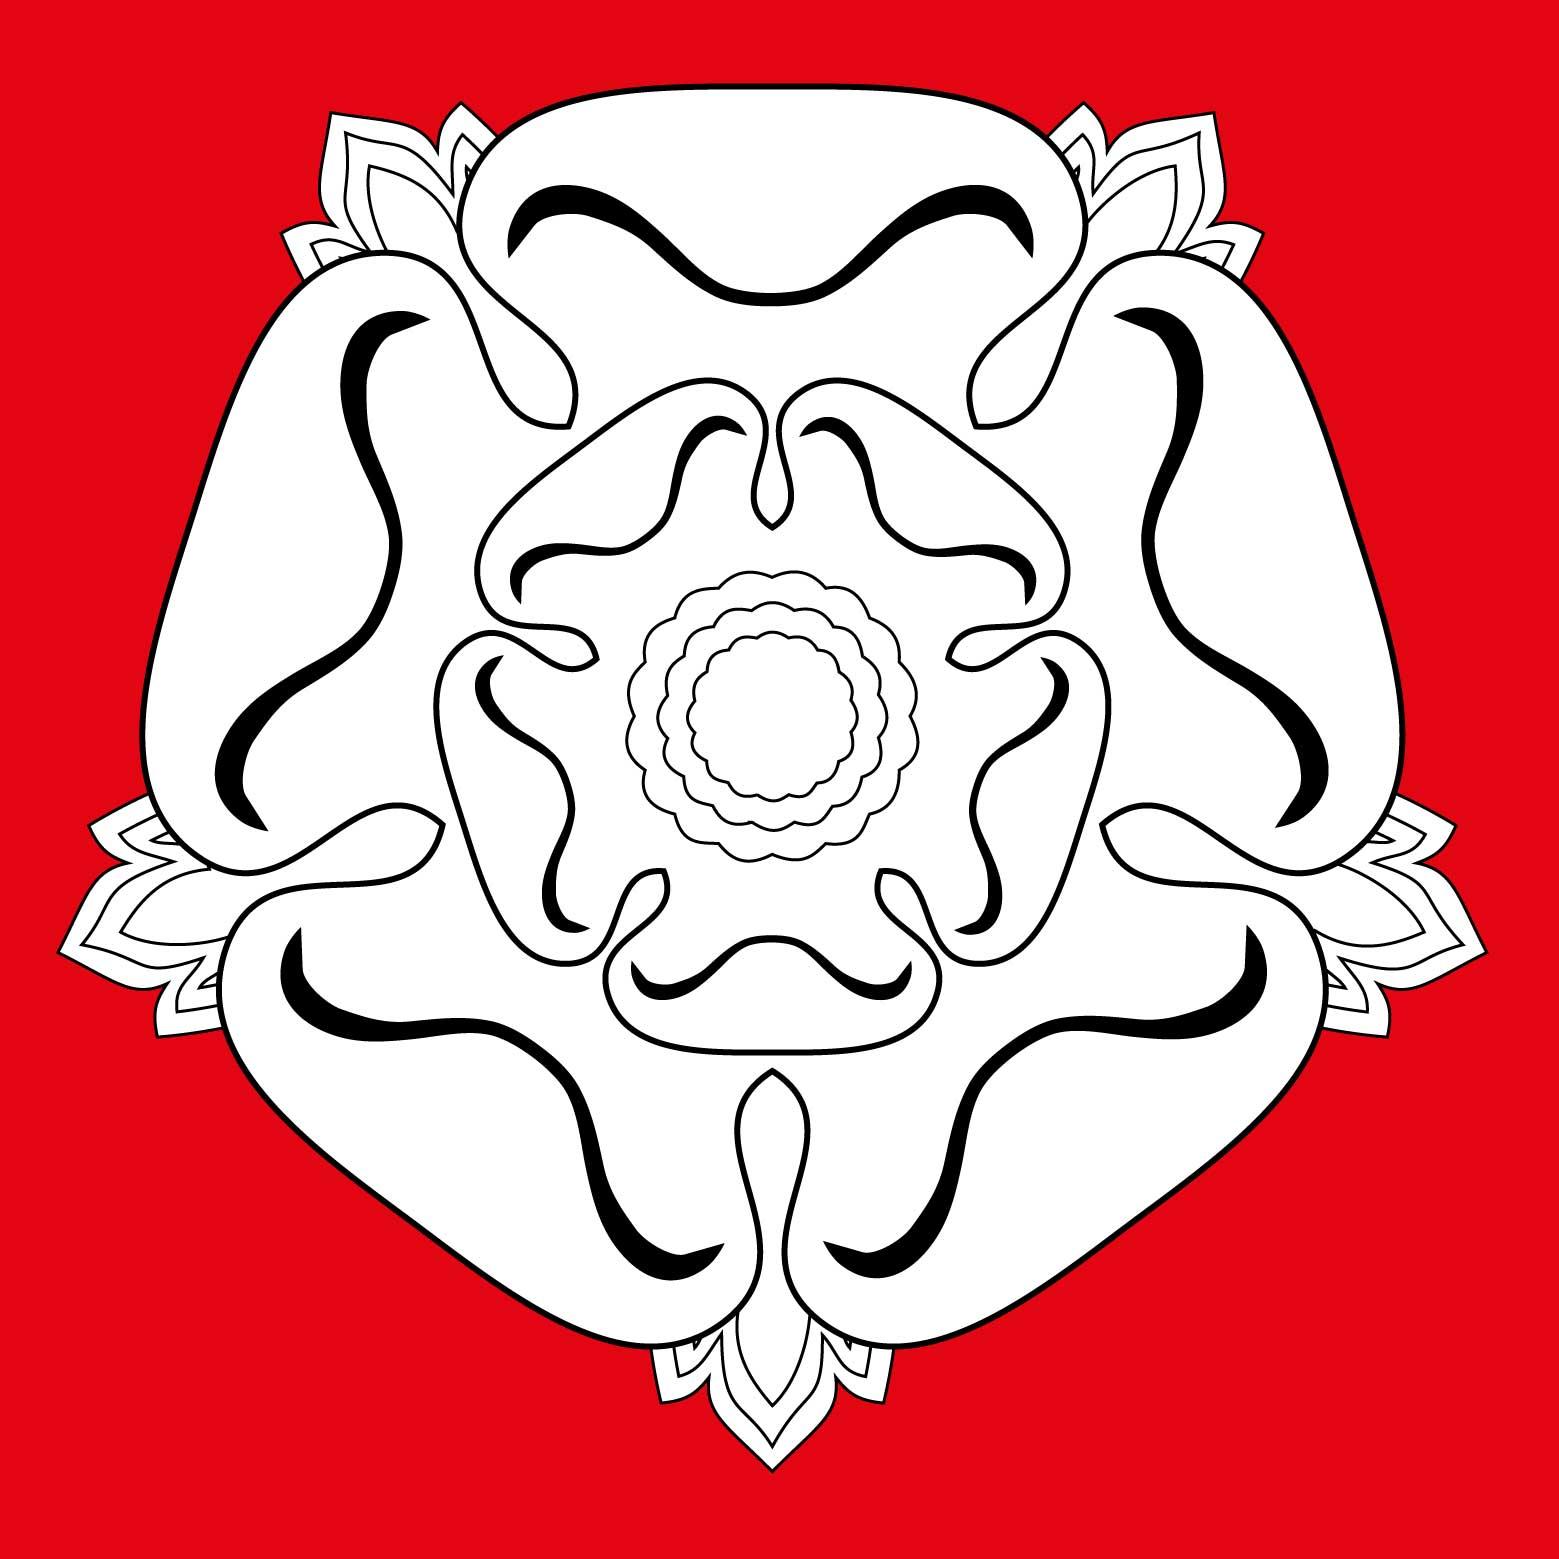 La cocarde blanche, symbole des jacobites